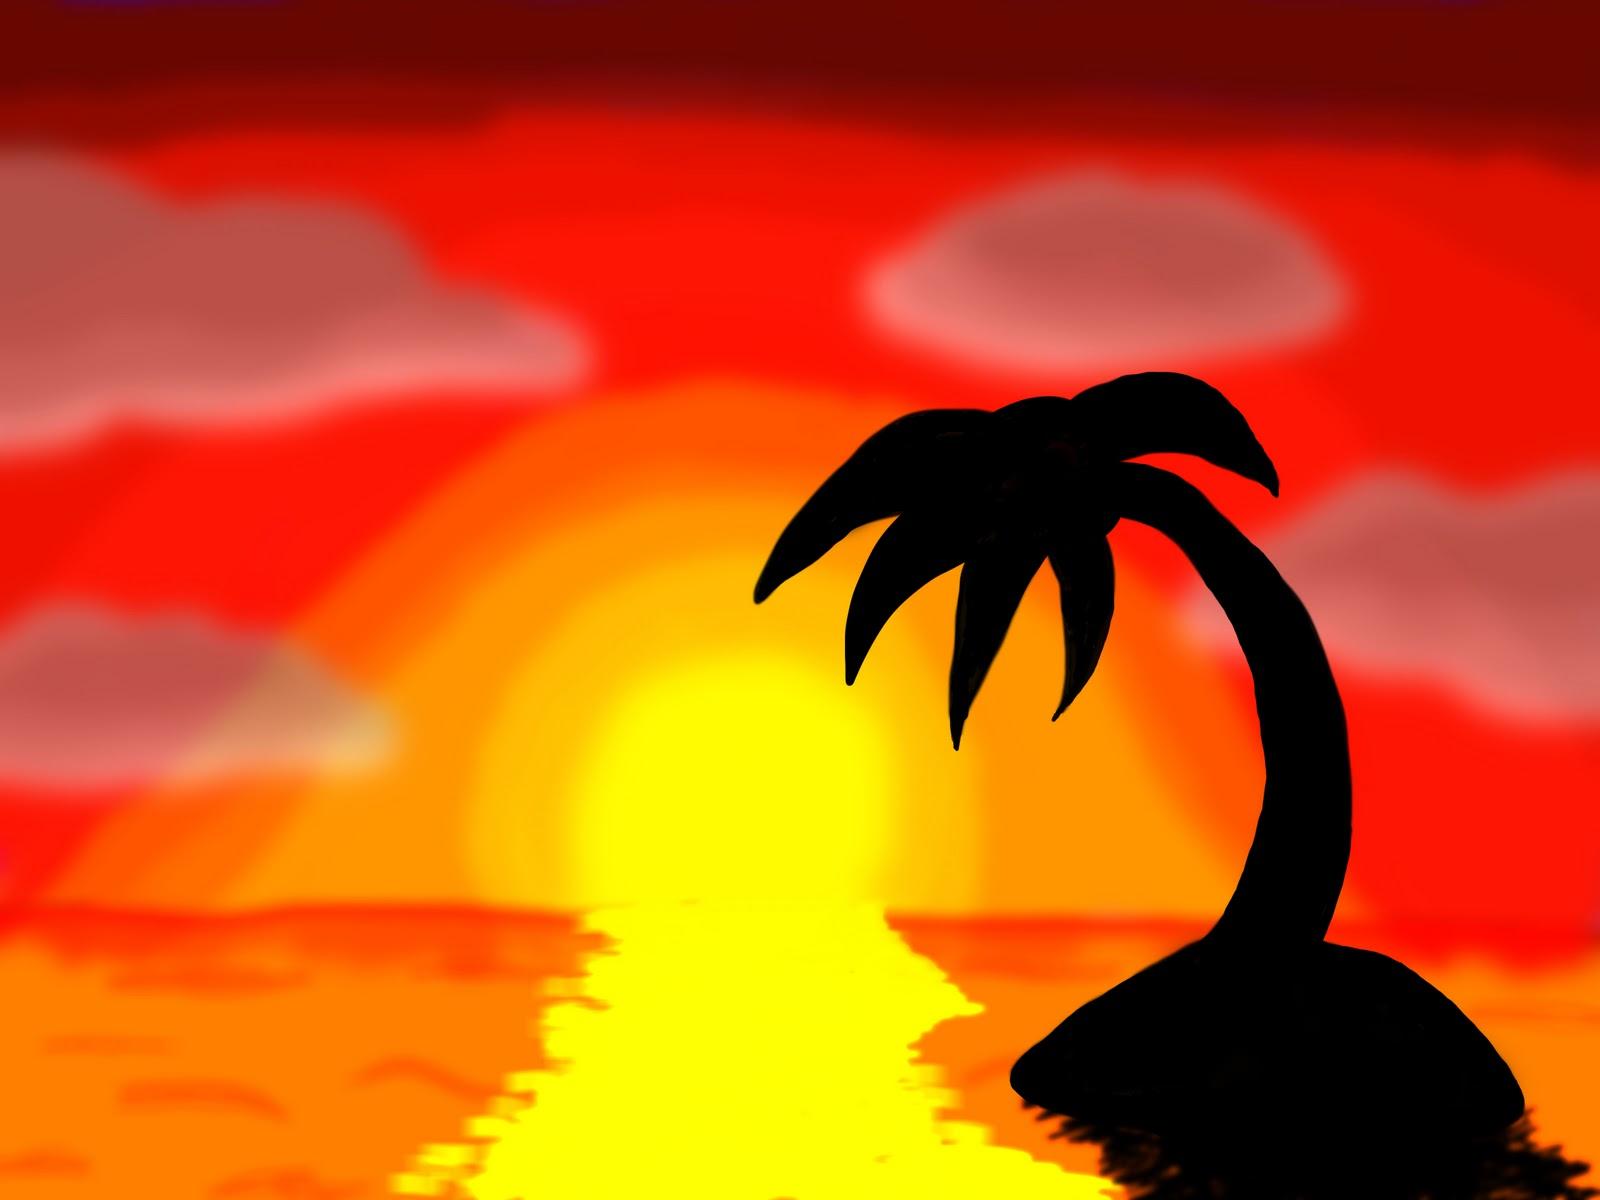 Philippe millette dessin coucher du soleil - Dessin coucher de soleil ...